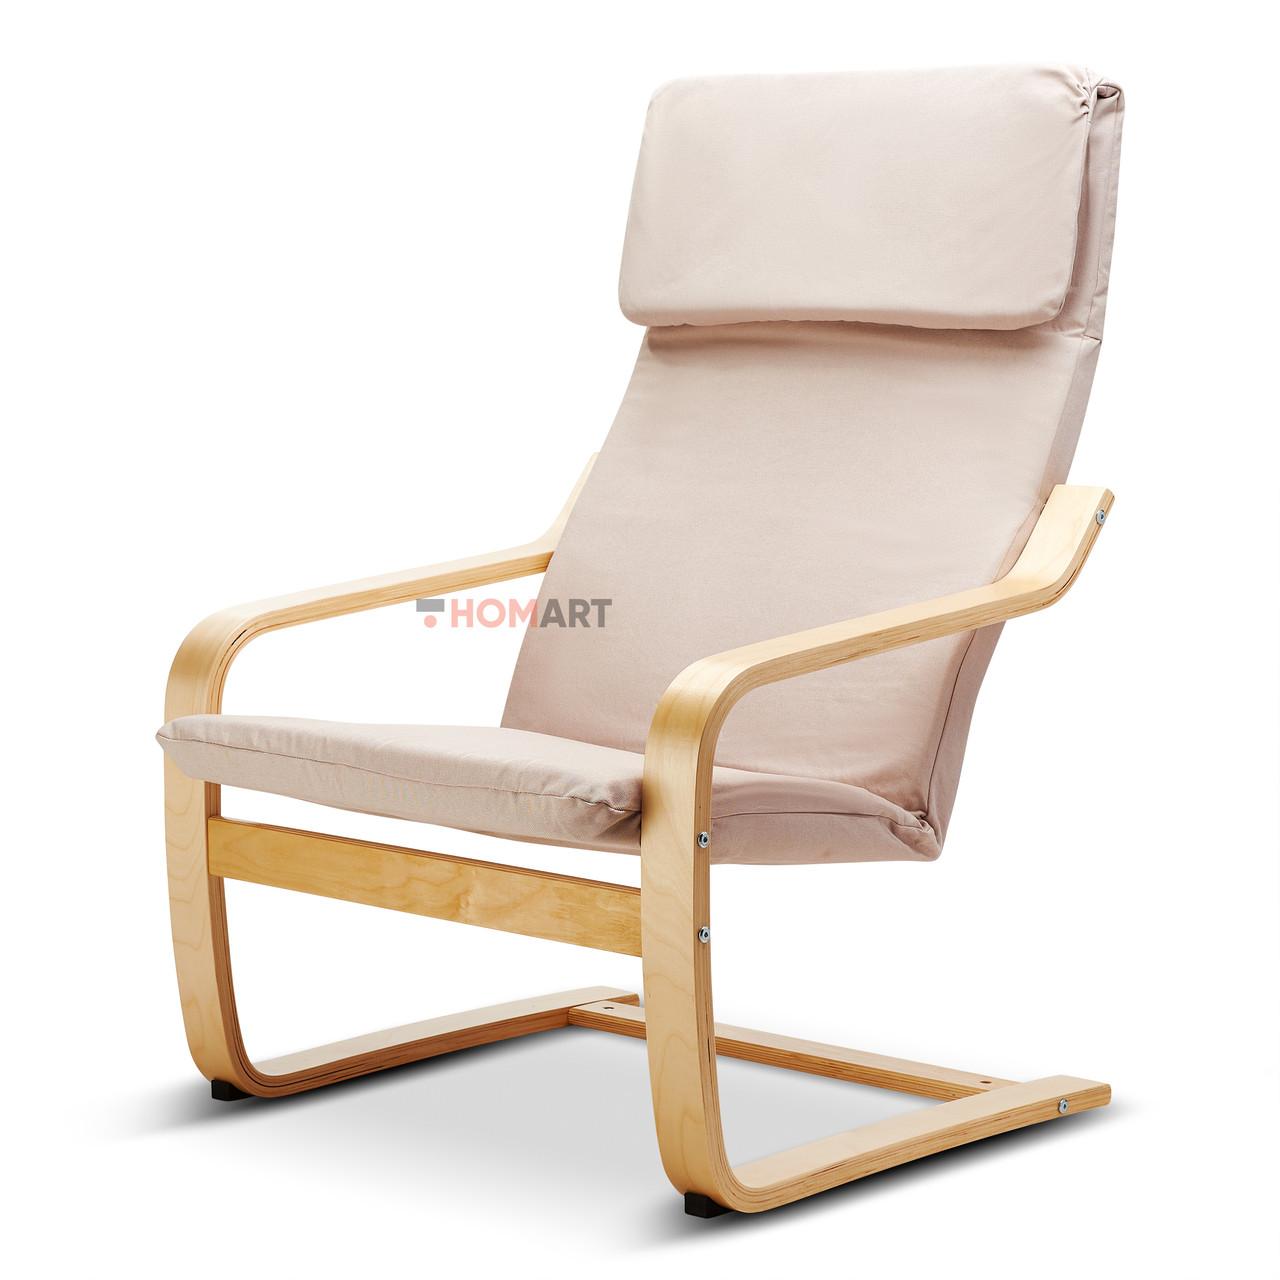 Кресло для отдыха Homart HMRC-371 (9311)